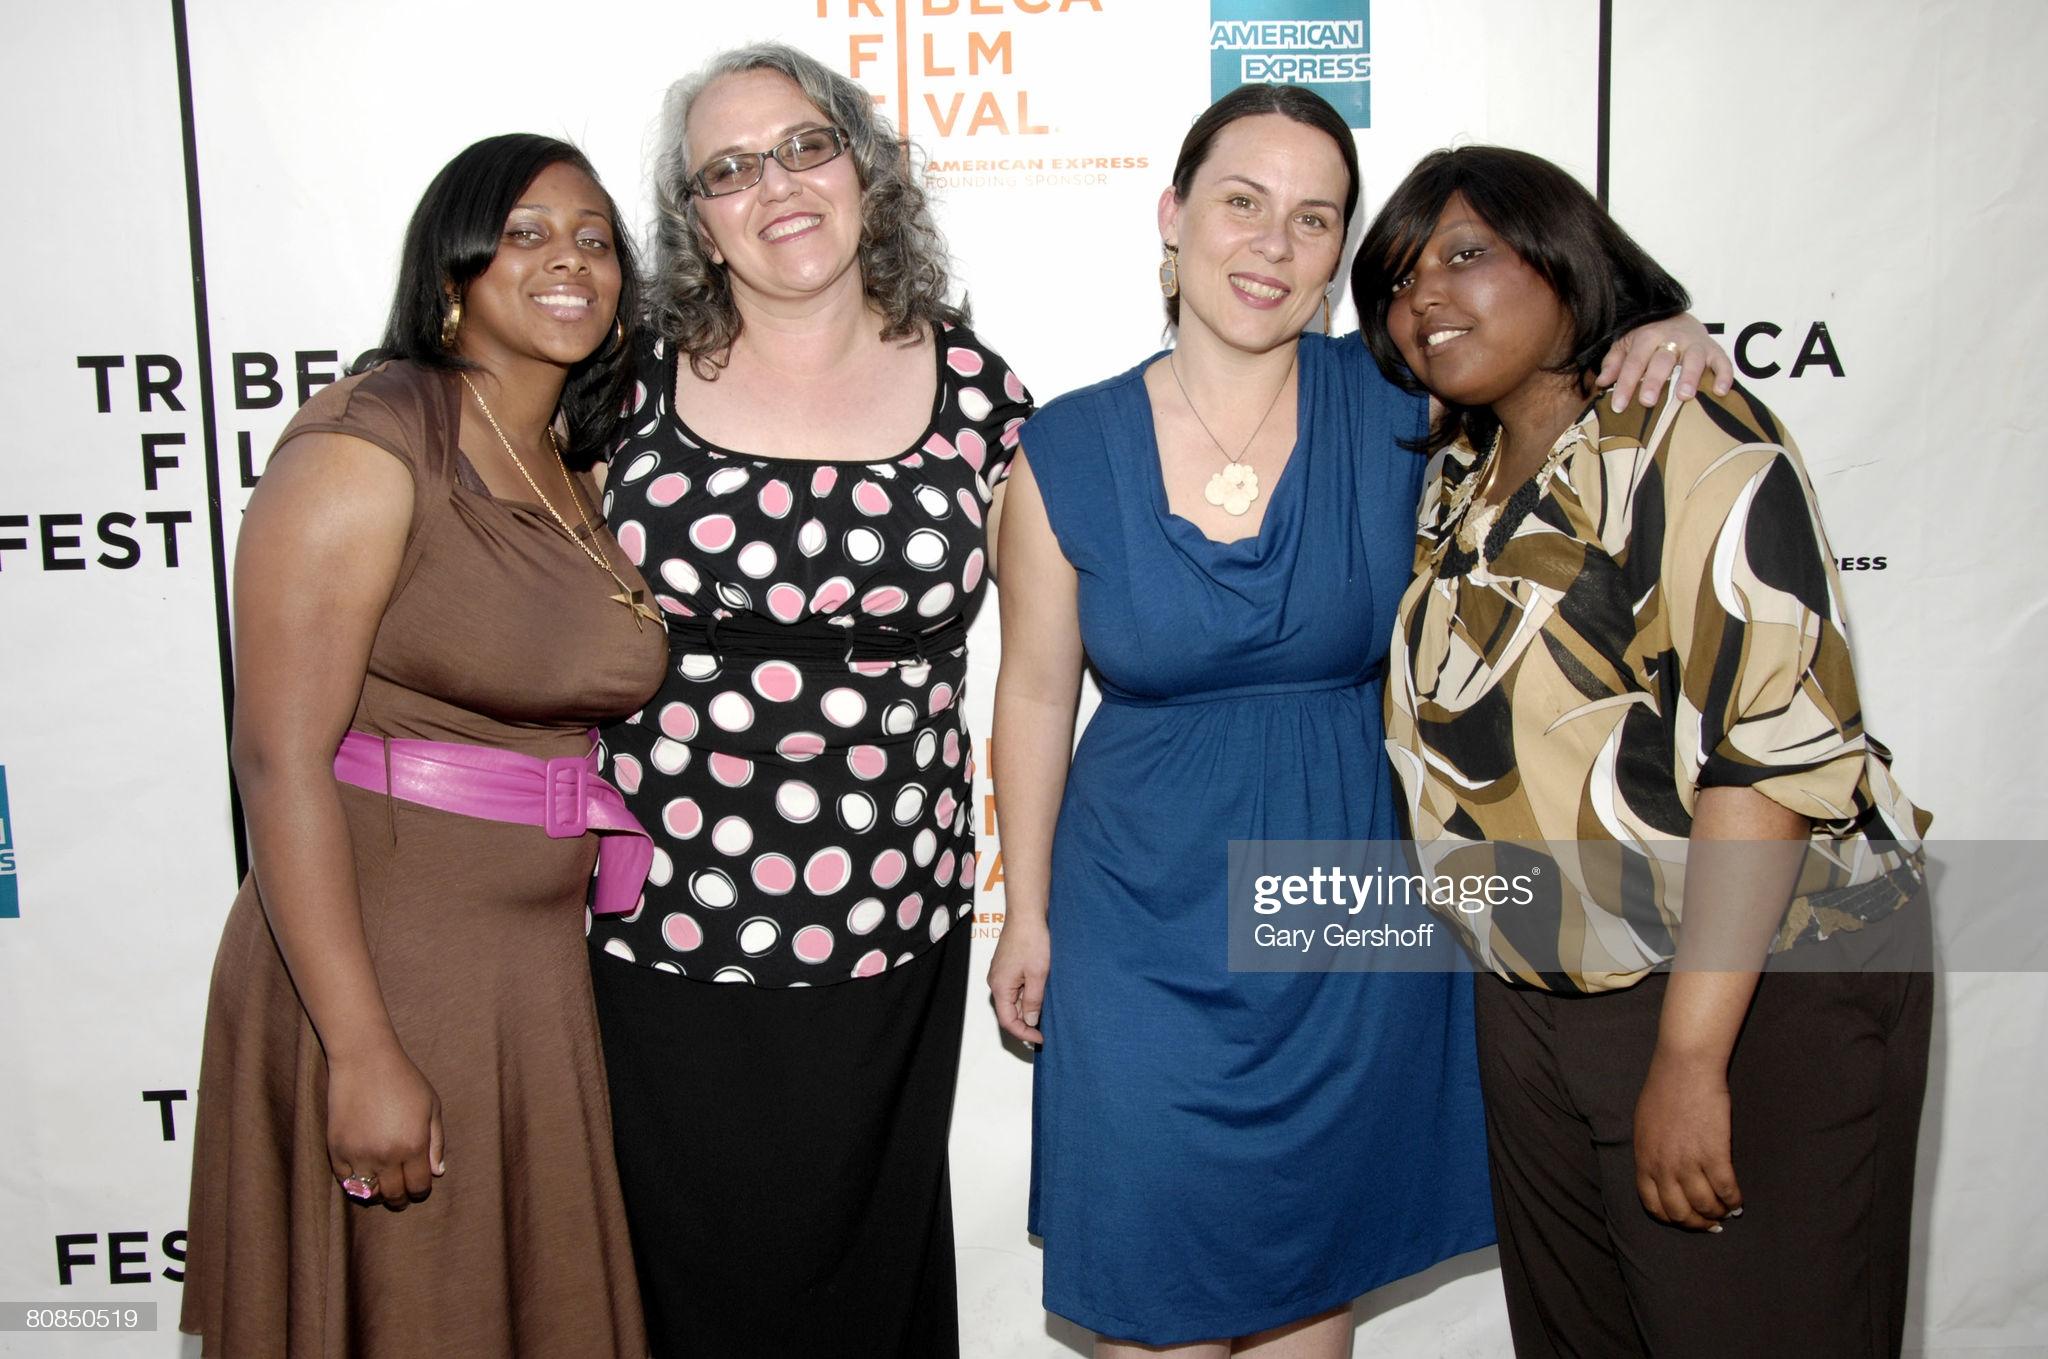 Image of Dawn D. Valadez, Kristy Guevara-Flanagan, and Myrna Summers